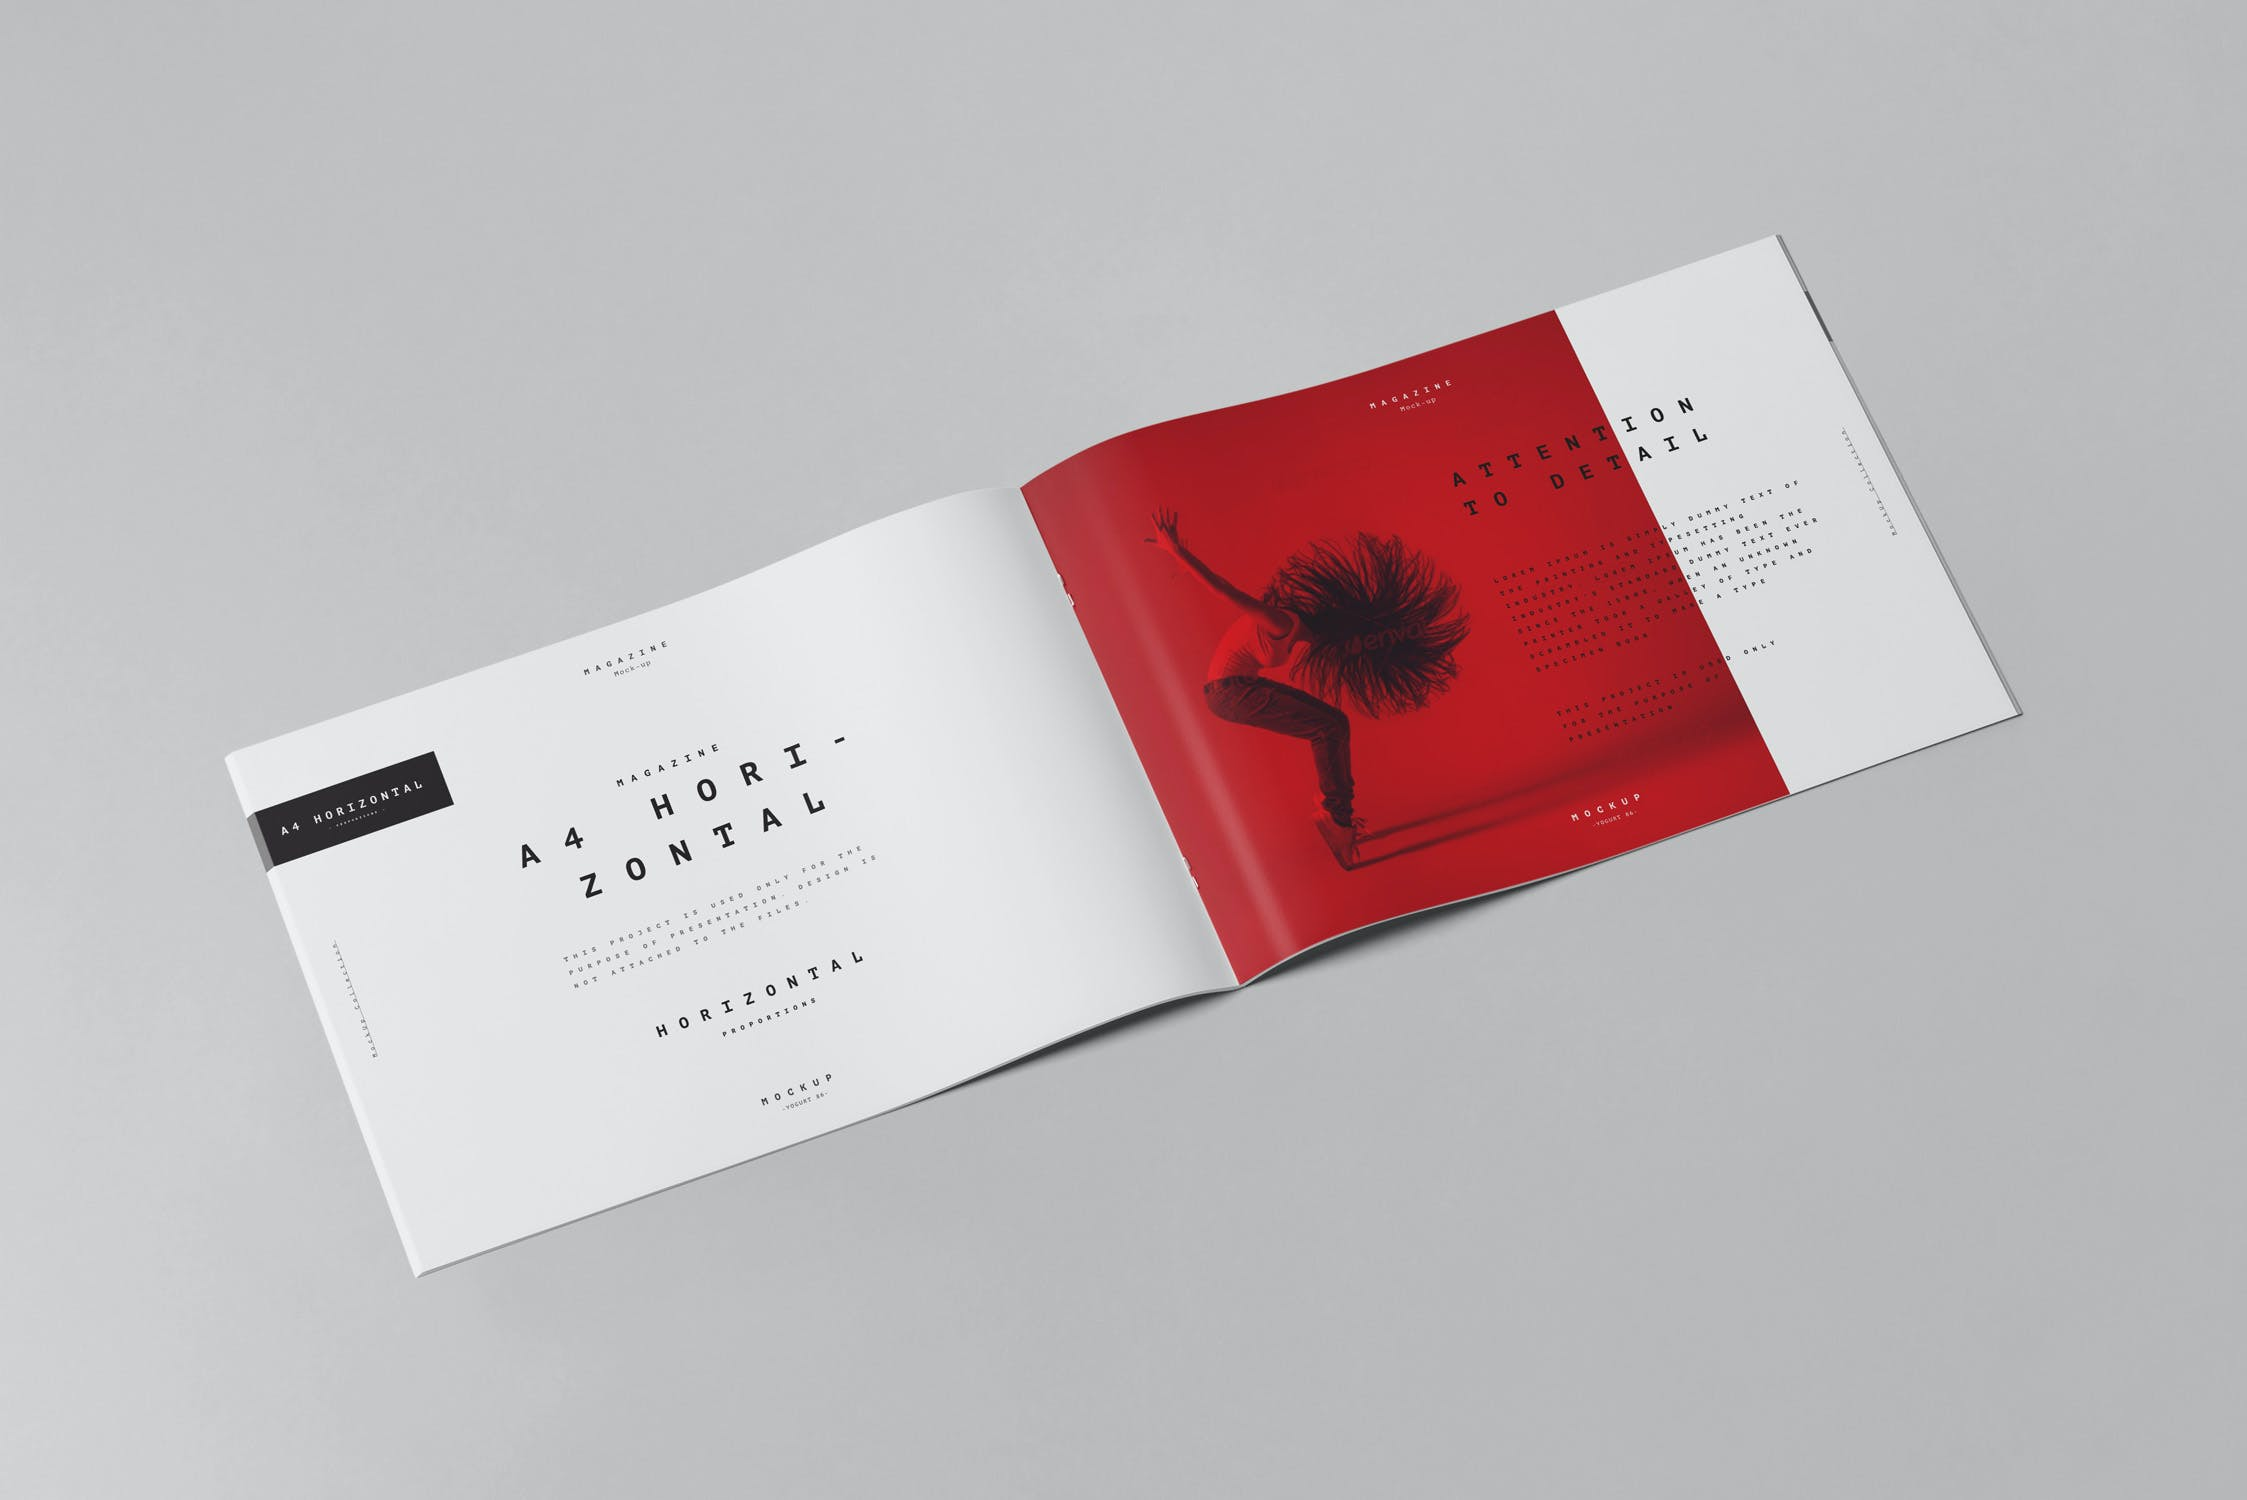 10款横版A4画册杂志设计展示样机模板 A4 Horizontal Brochure Mockup 3插图(4)